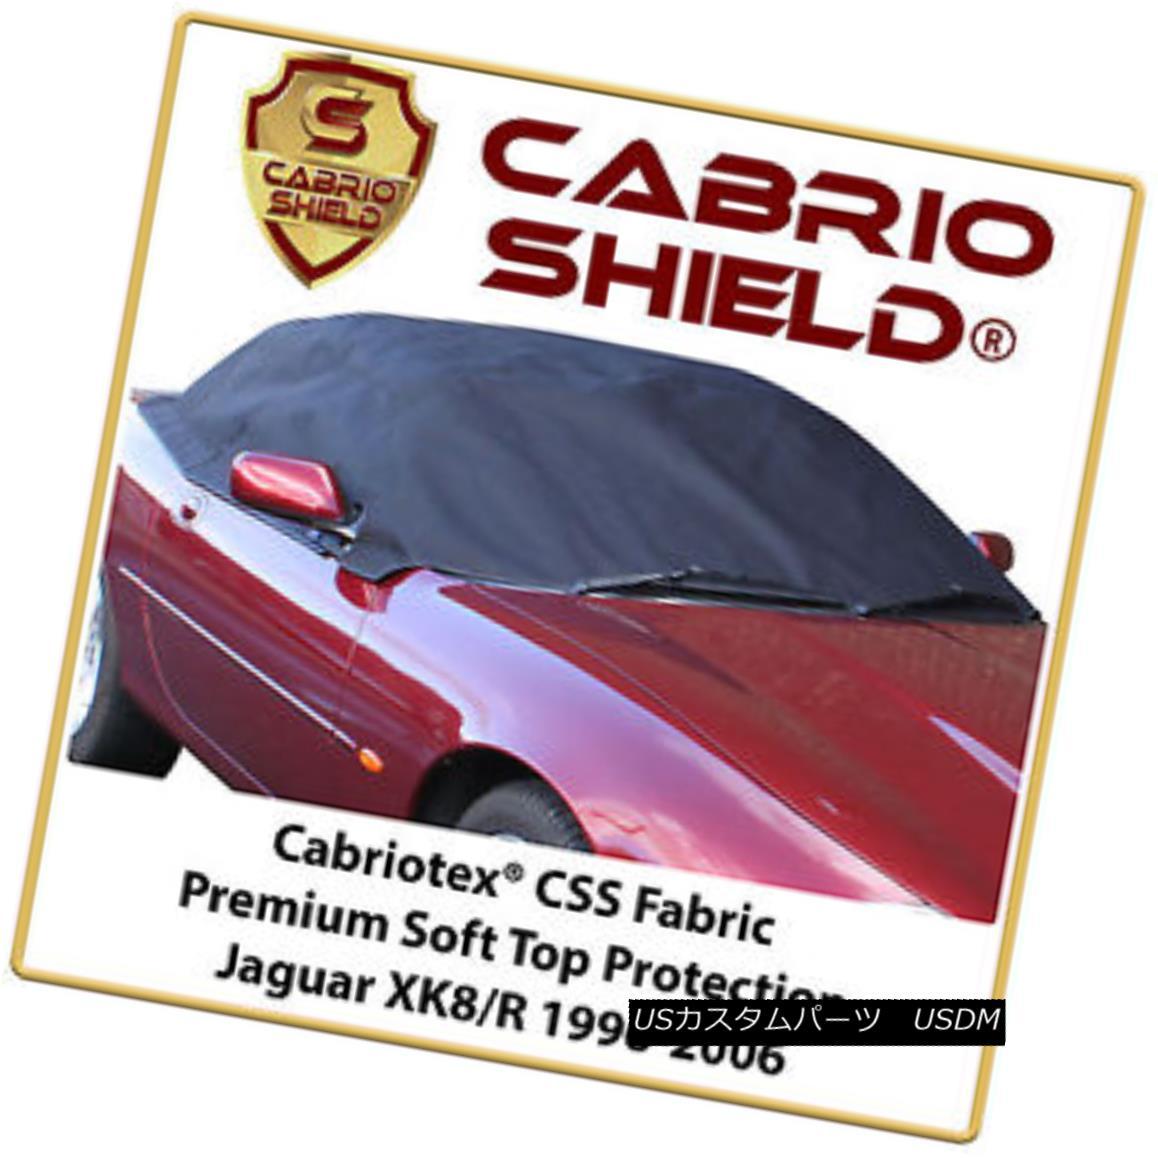 幌・ソフトトップ Jaguar XK8/R Soft Top Protection Premium Cabrio Shield 1996-2006 ジャガーXK8 / RソフトトッププロテクションプレミアムCabrioシールド1996-2006